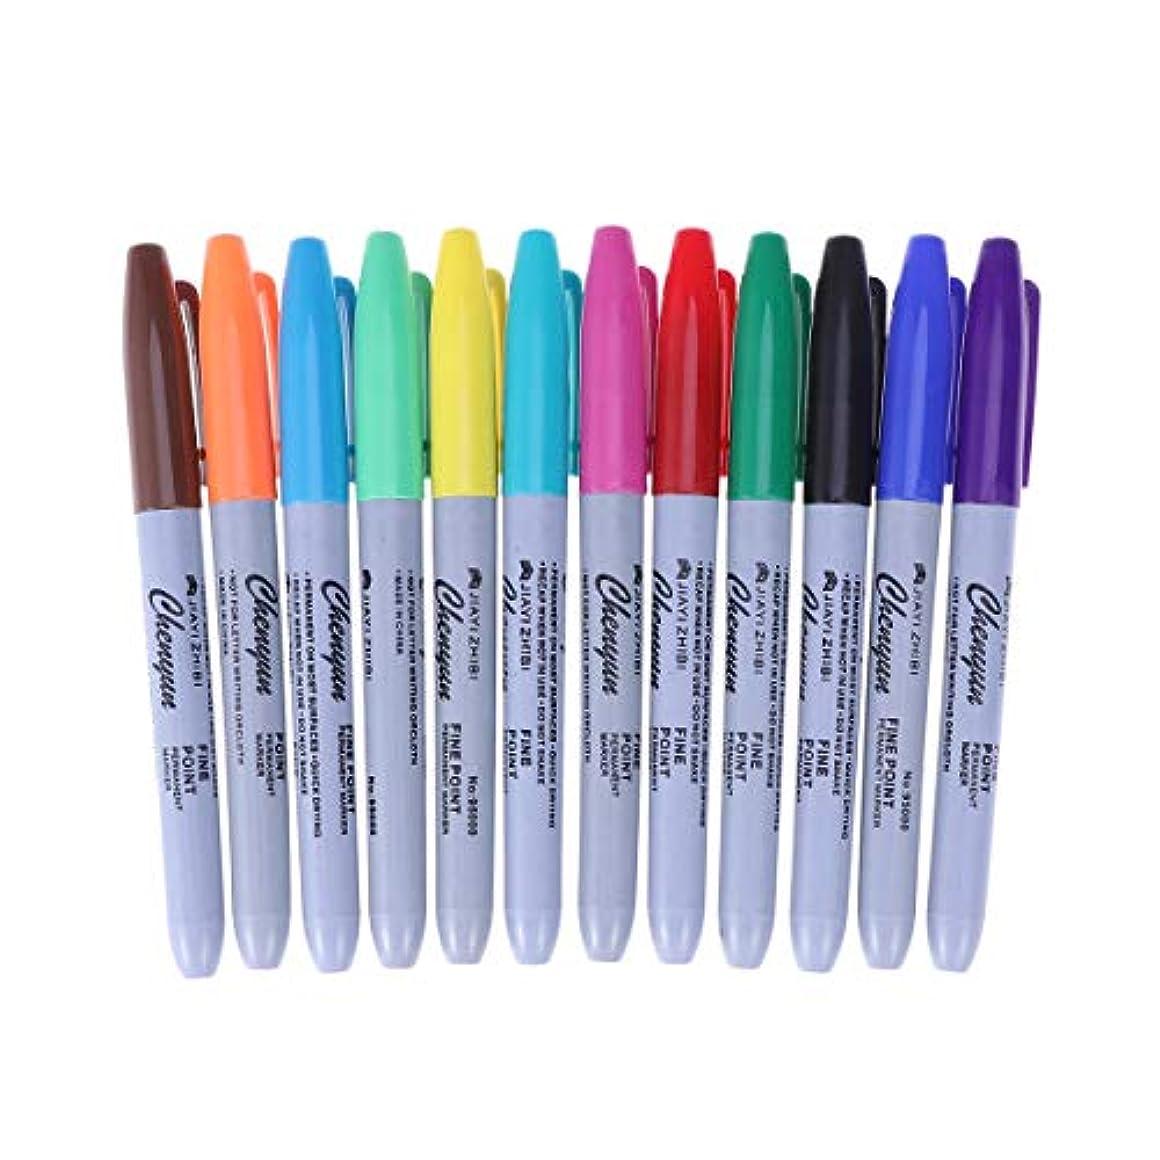 アサート遺伝子エッセンスHealifty タトゥーペン防水高品質マーカーペン12色スキンマーカーペンスクライブツールタトゥー用品24ピース